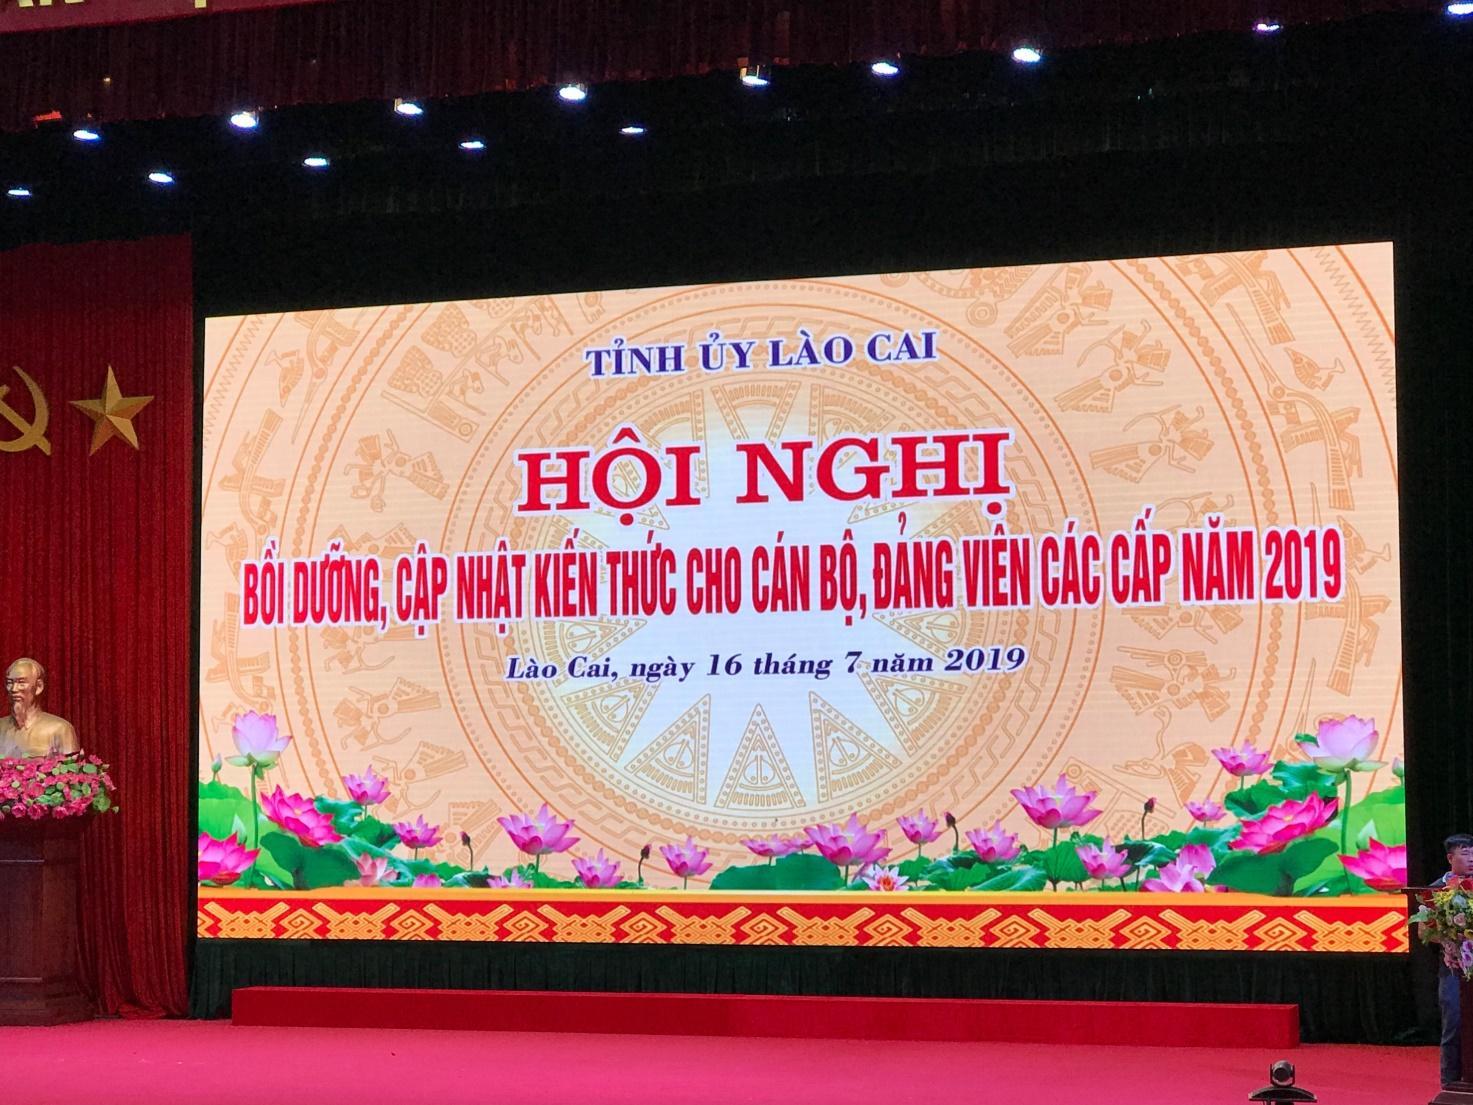 Hội nghị bồi dưỡng, cập nhật kiến thức cho cán bộ đảng viên các cấp năm 2019